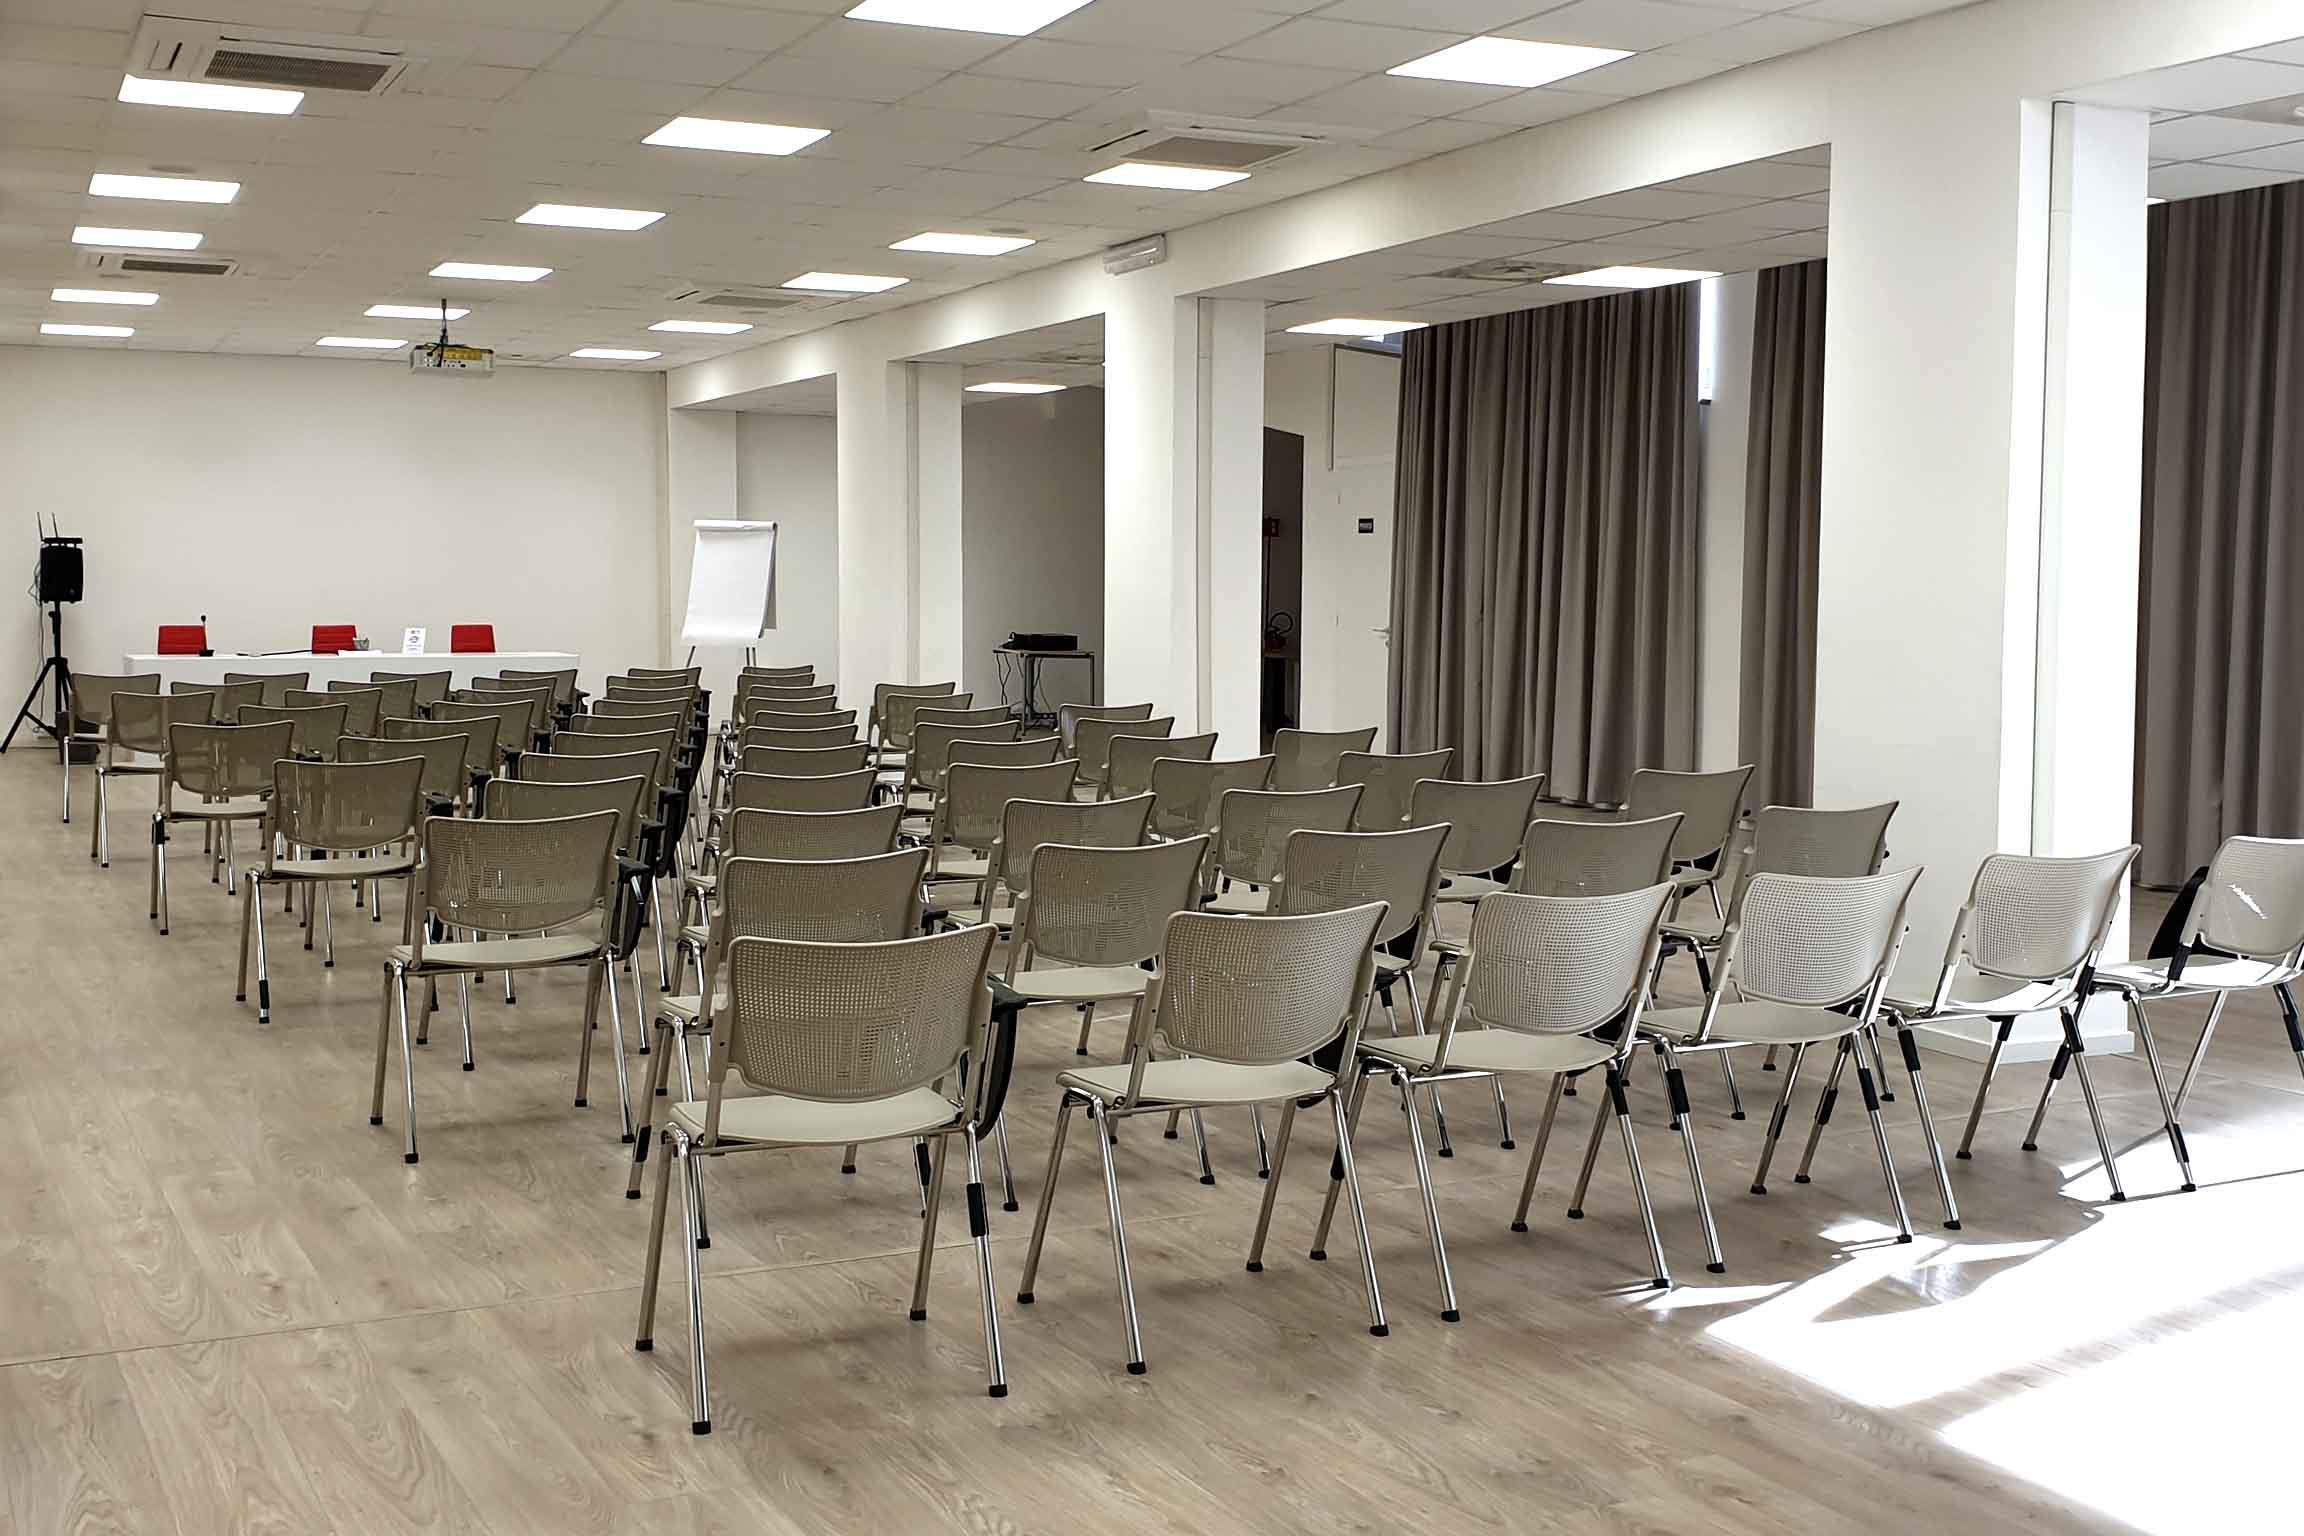 auditorium_1-corsi-formazione-roma.jpg